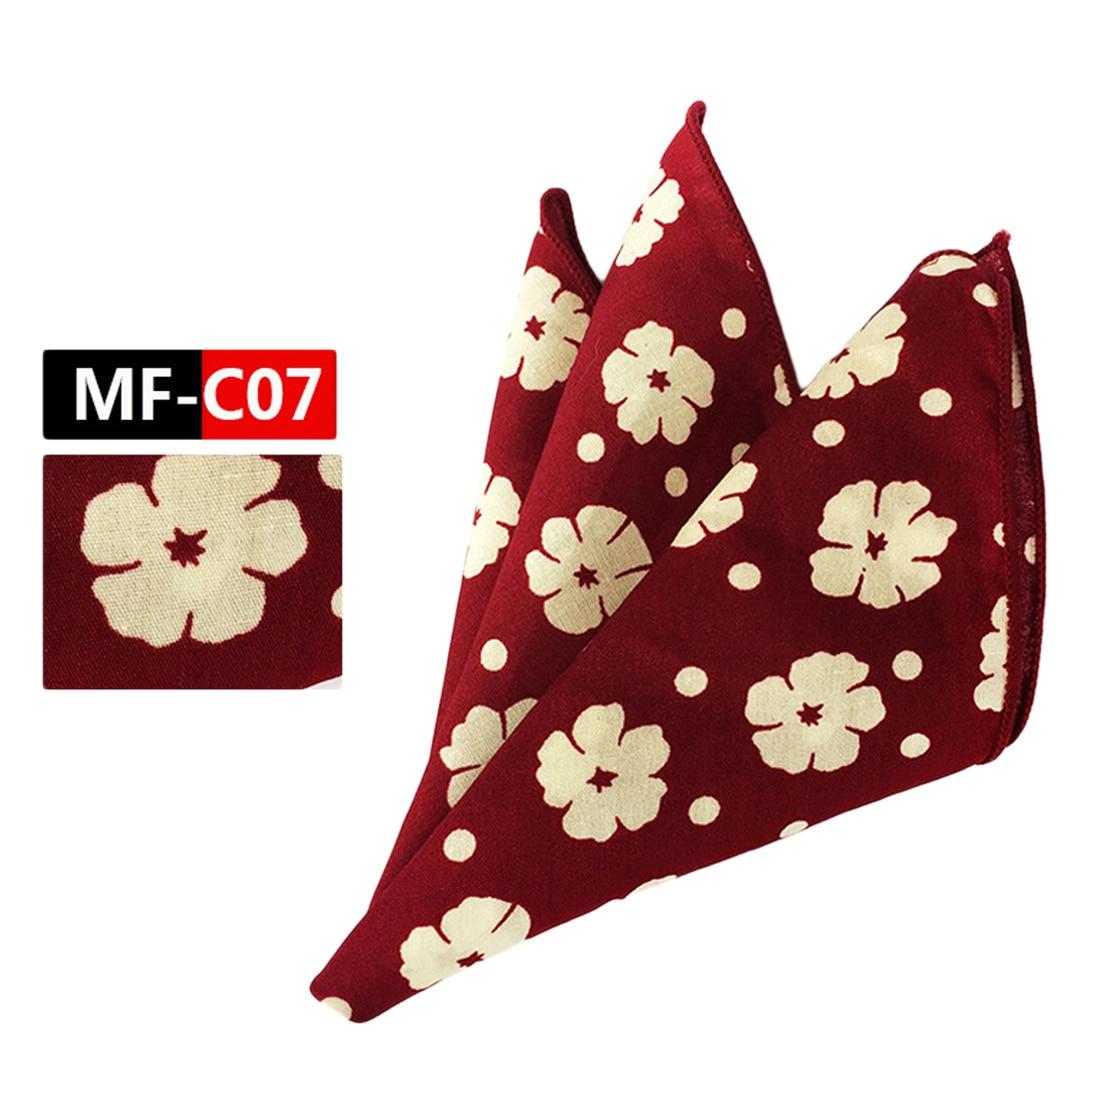 Konstruktiv Top Verkauf Männer Baumwolle Einstecktuch Westlichen Stil Floral Taschentuch Für Anzug Tasche Hochzeit Quadrat Paisley 25x25 Cm